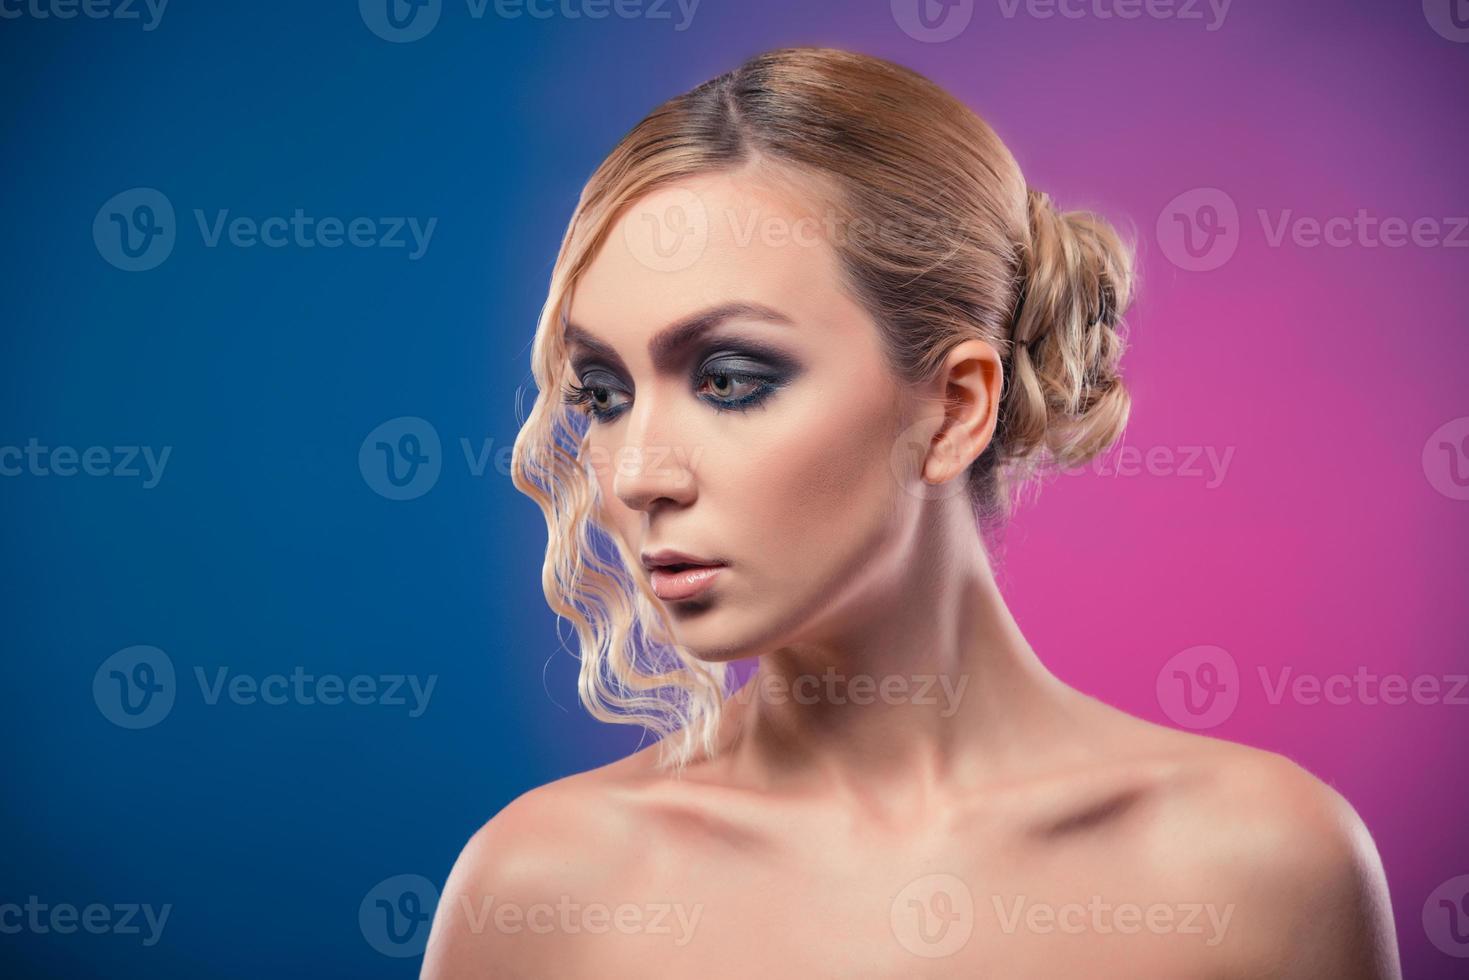 vacker lyxig kvinna på lila bakgrund foto